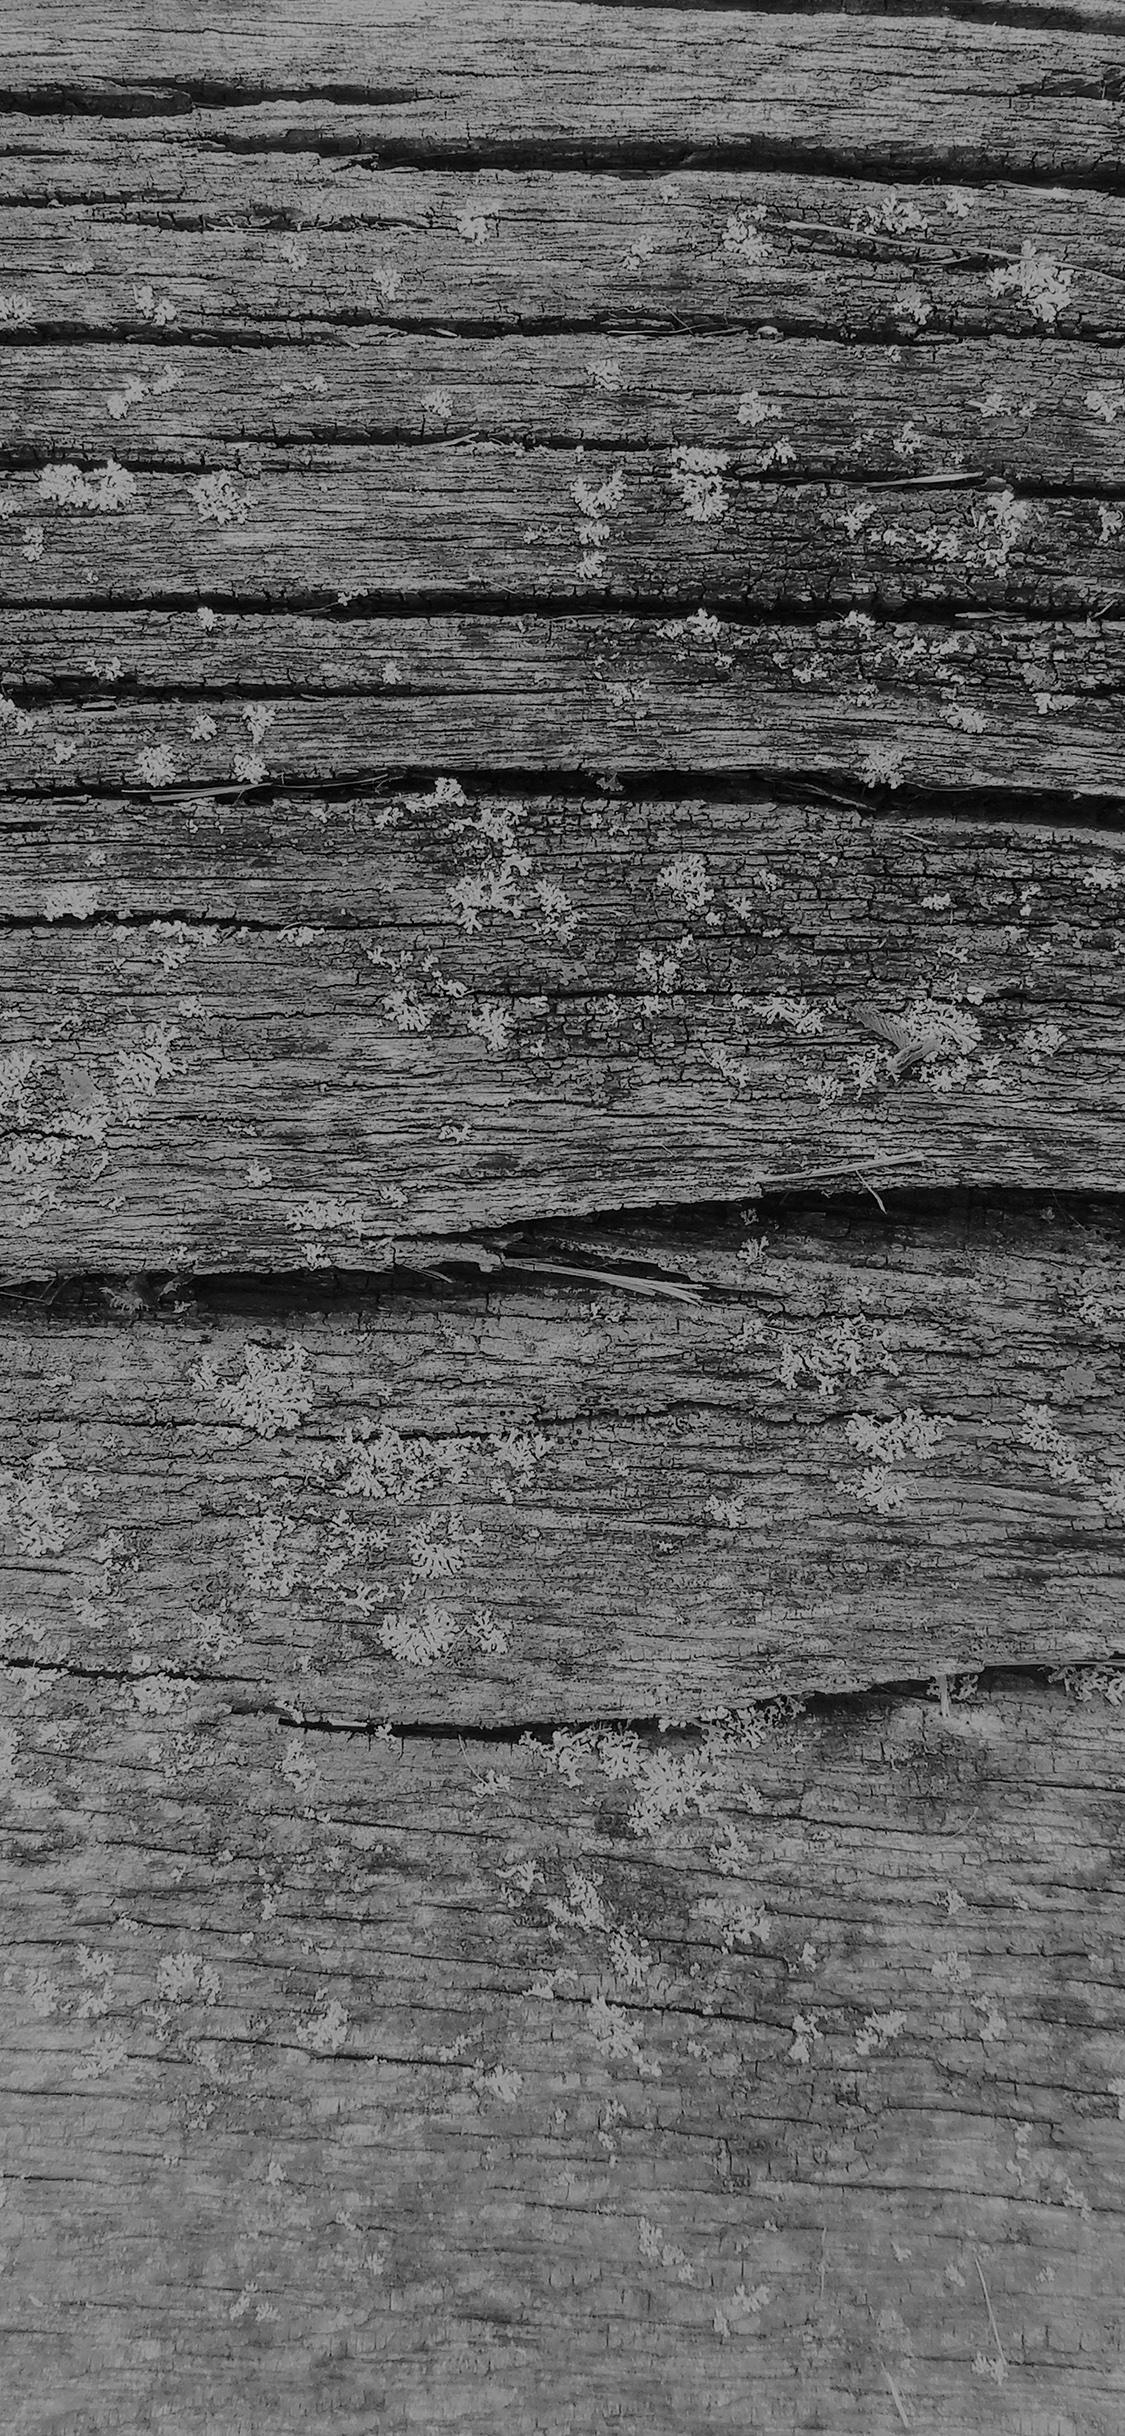 Iphonexpapers Com Iphone X Wallpaper Vj33 Wood Art Nature